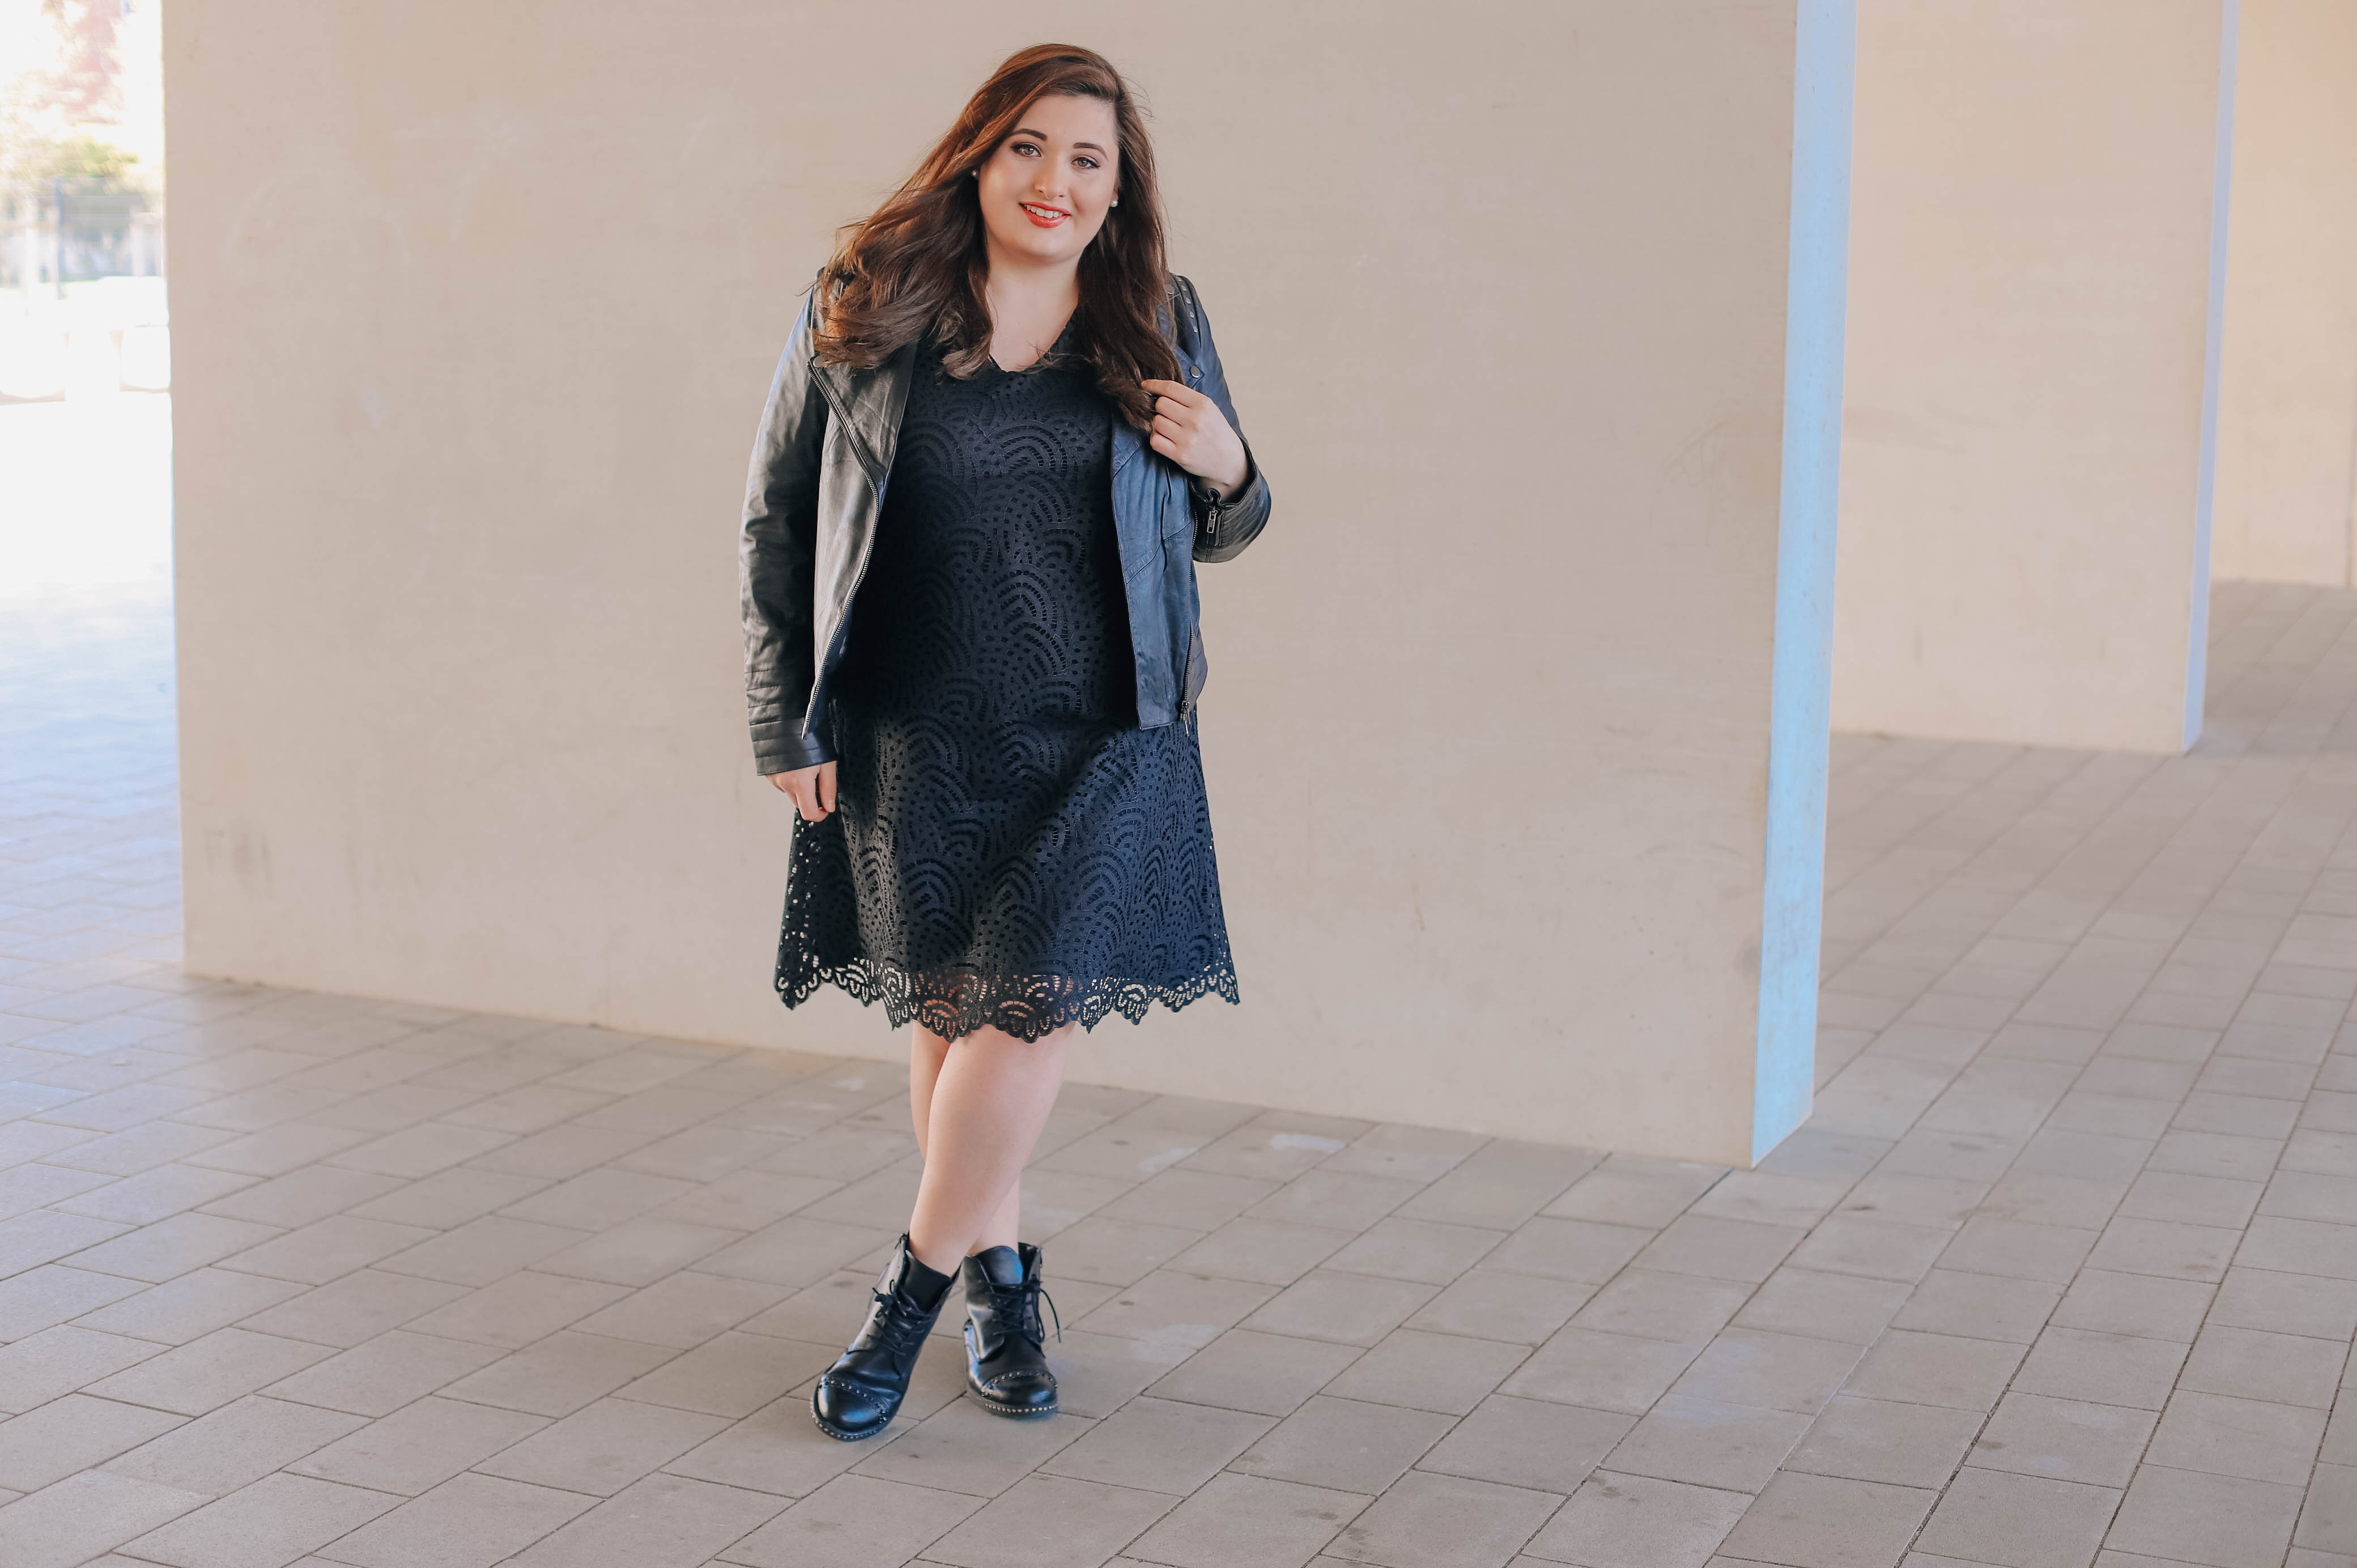 anna scholzulla popken – die neue plus size fashion